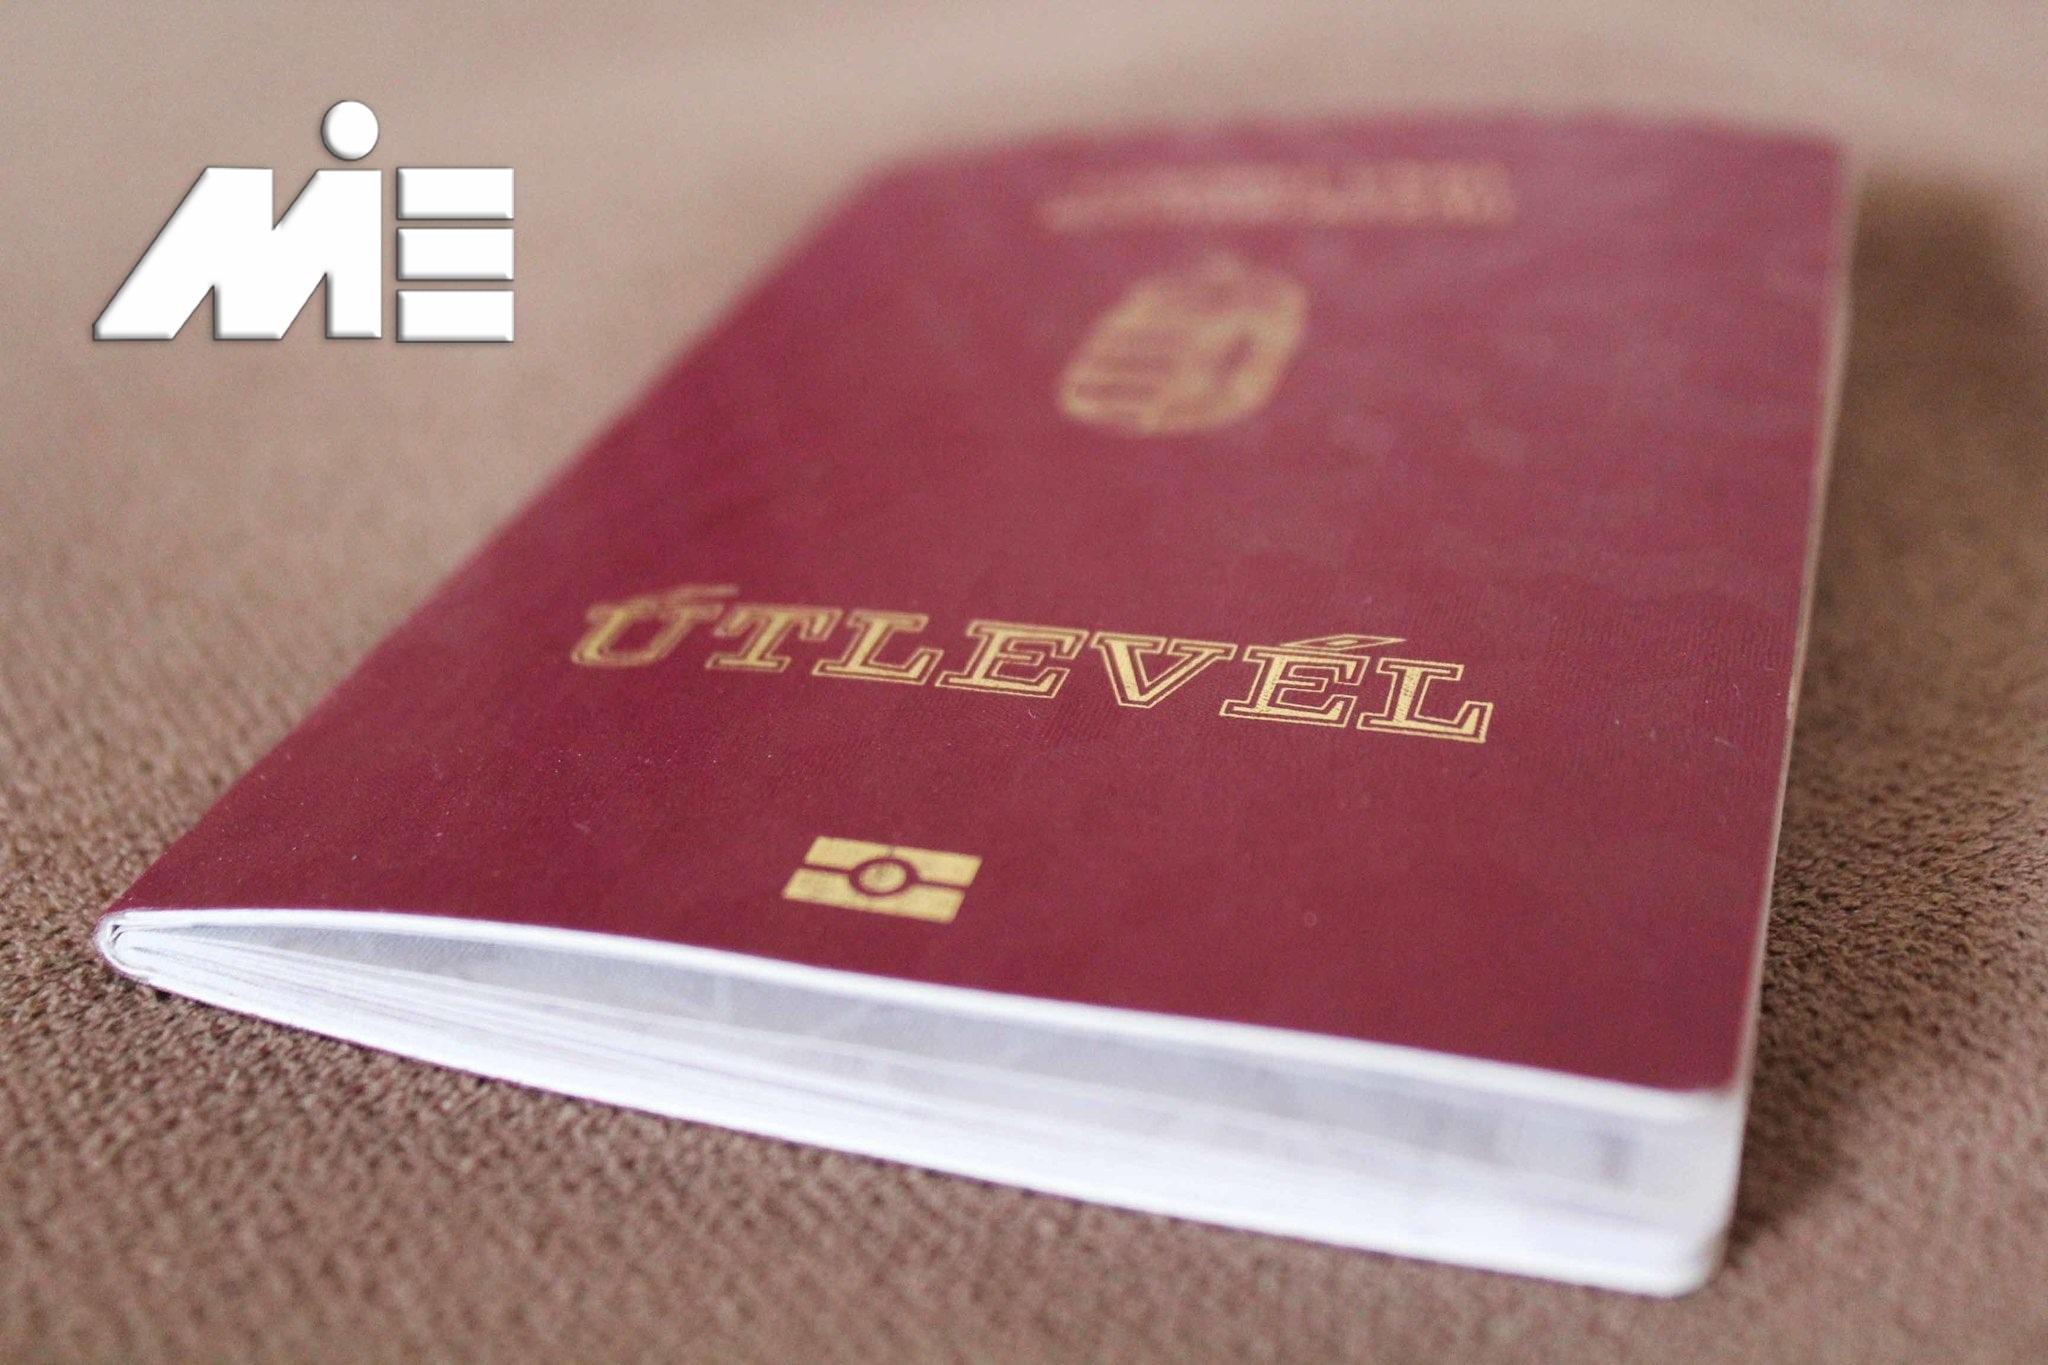 پاسپورت مجارستان - تابعیت مجارستان - شهروندی مجارستان - کار در مجارستان و اخذ تابعیت